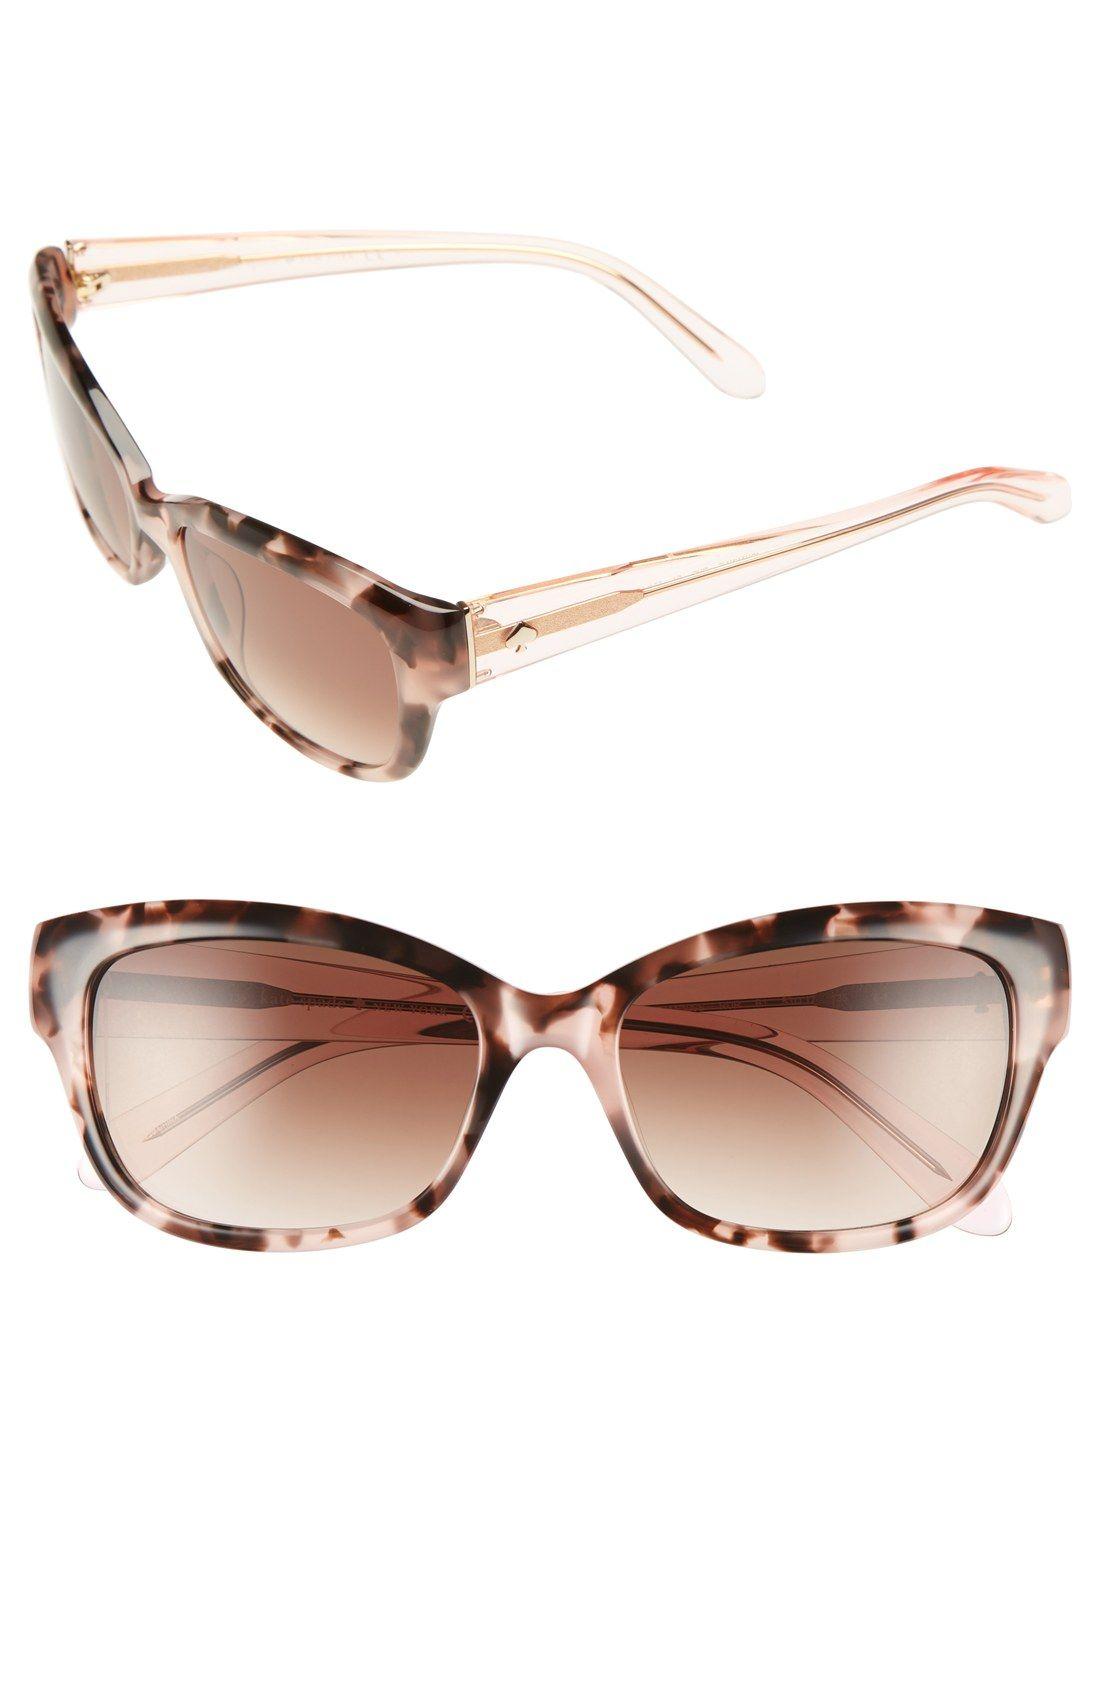 b857e074dbcf kate spade 'johanna' 53mm retro sunglasses | style. | Collares, Carteras